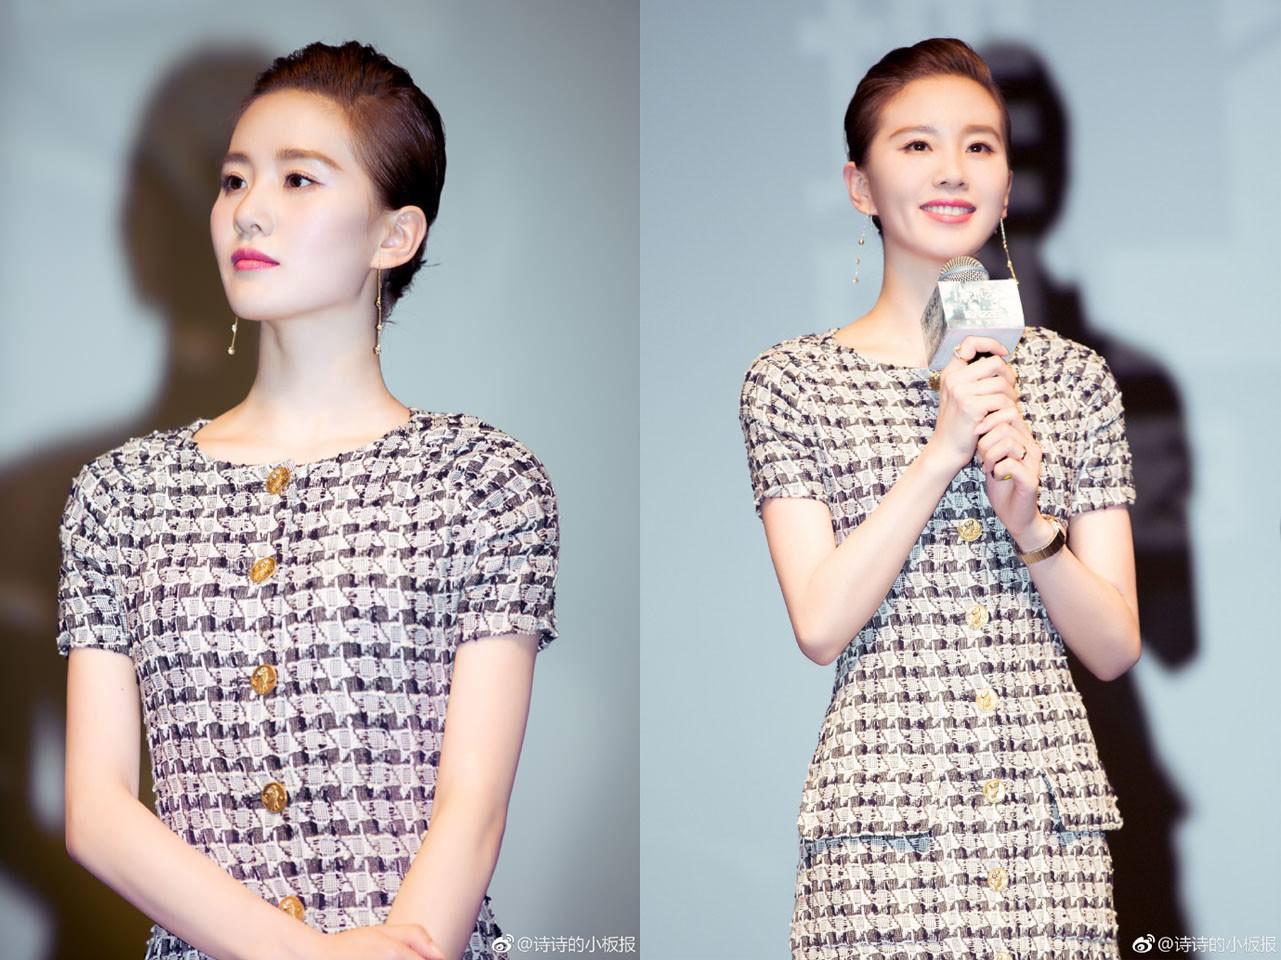 Cắt tóc tomboy siêu ngắn nhưng Lưu Thi Thi vẫn đẹp tựa nữ thần nhờ chọn được style phù hợp - Ảnh 7.